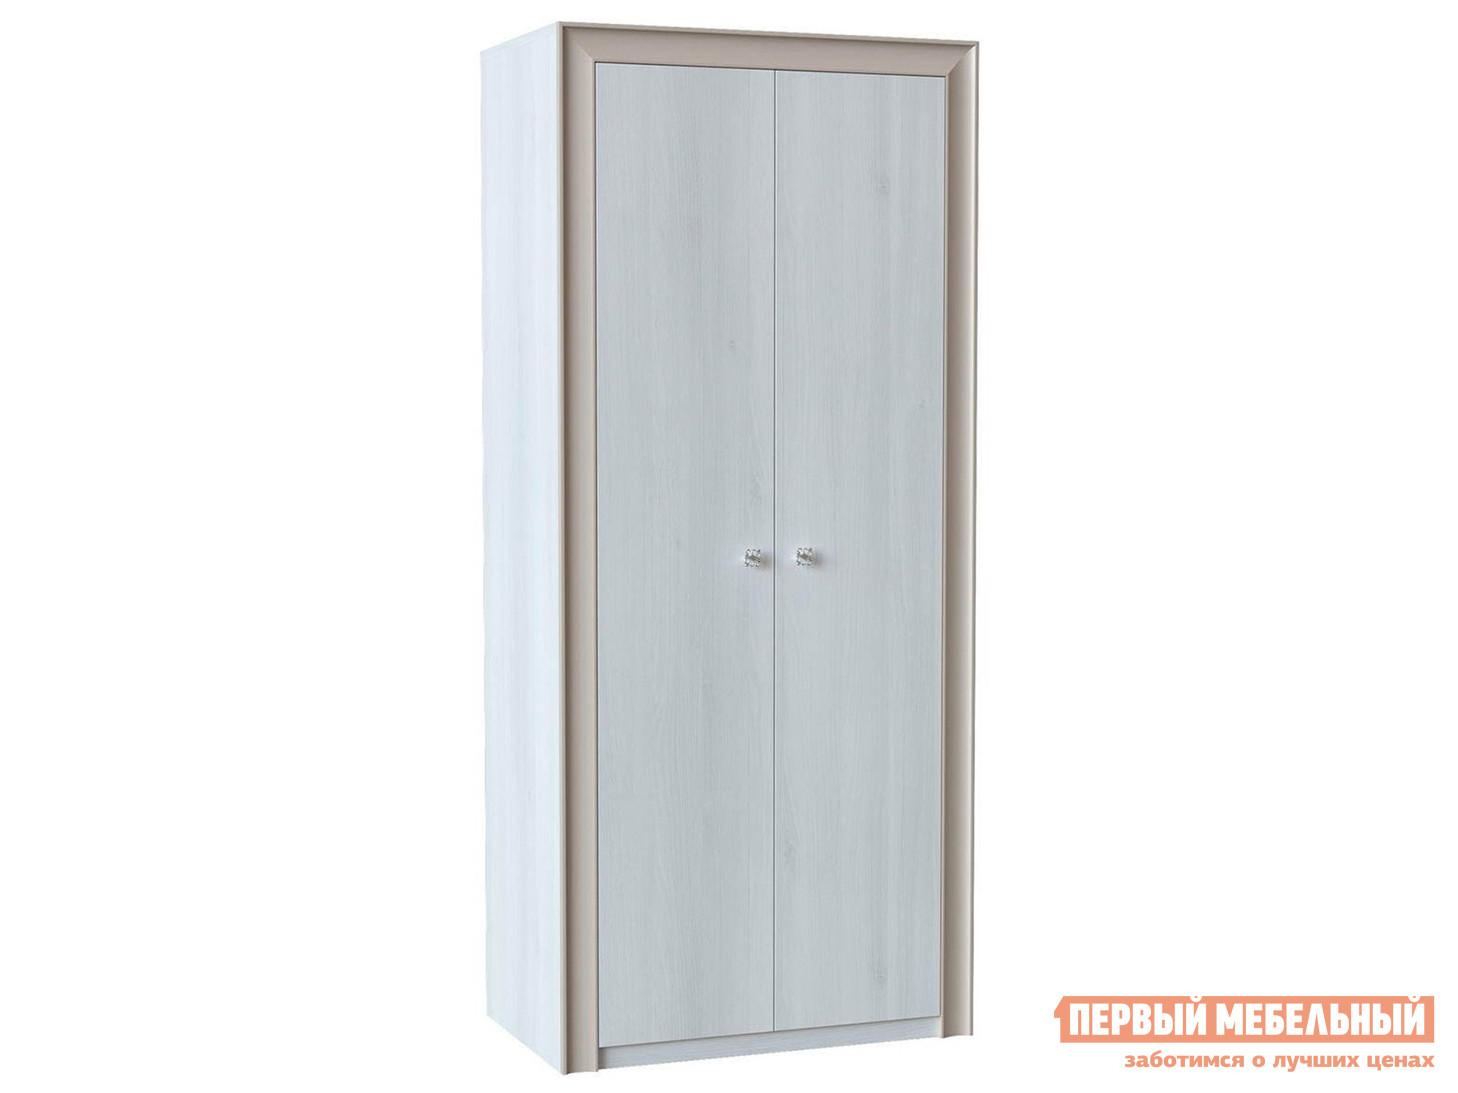 Двухдверный шкаф Первый Мебельный Прато Ш2